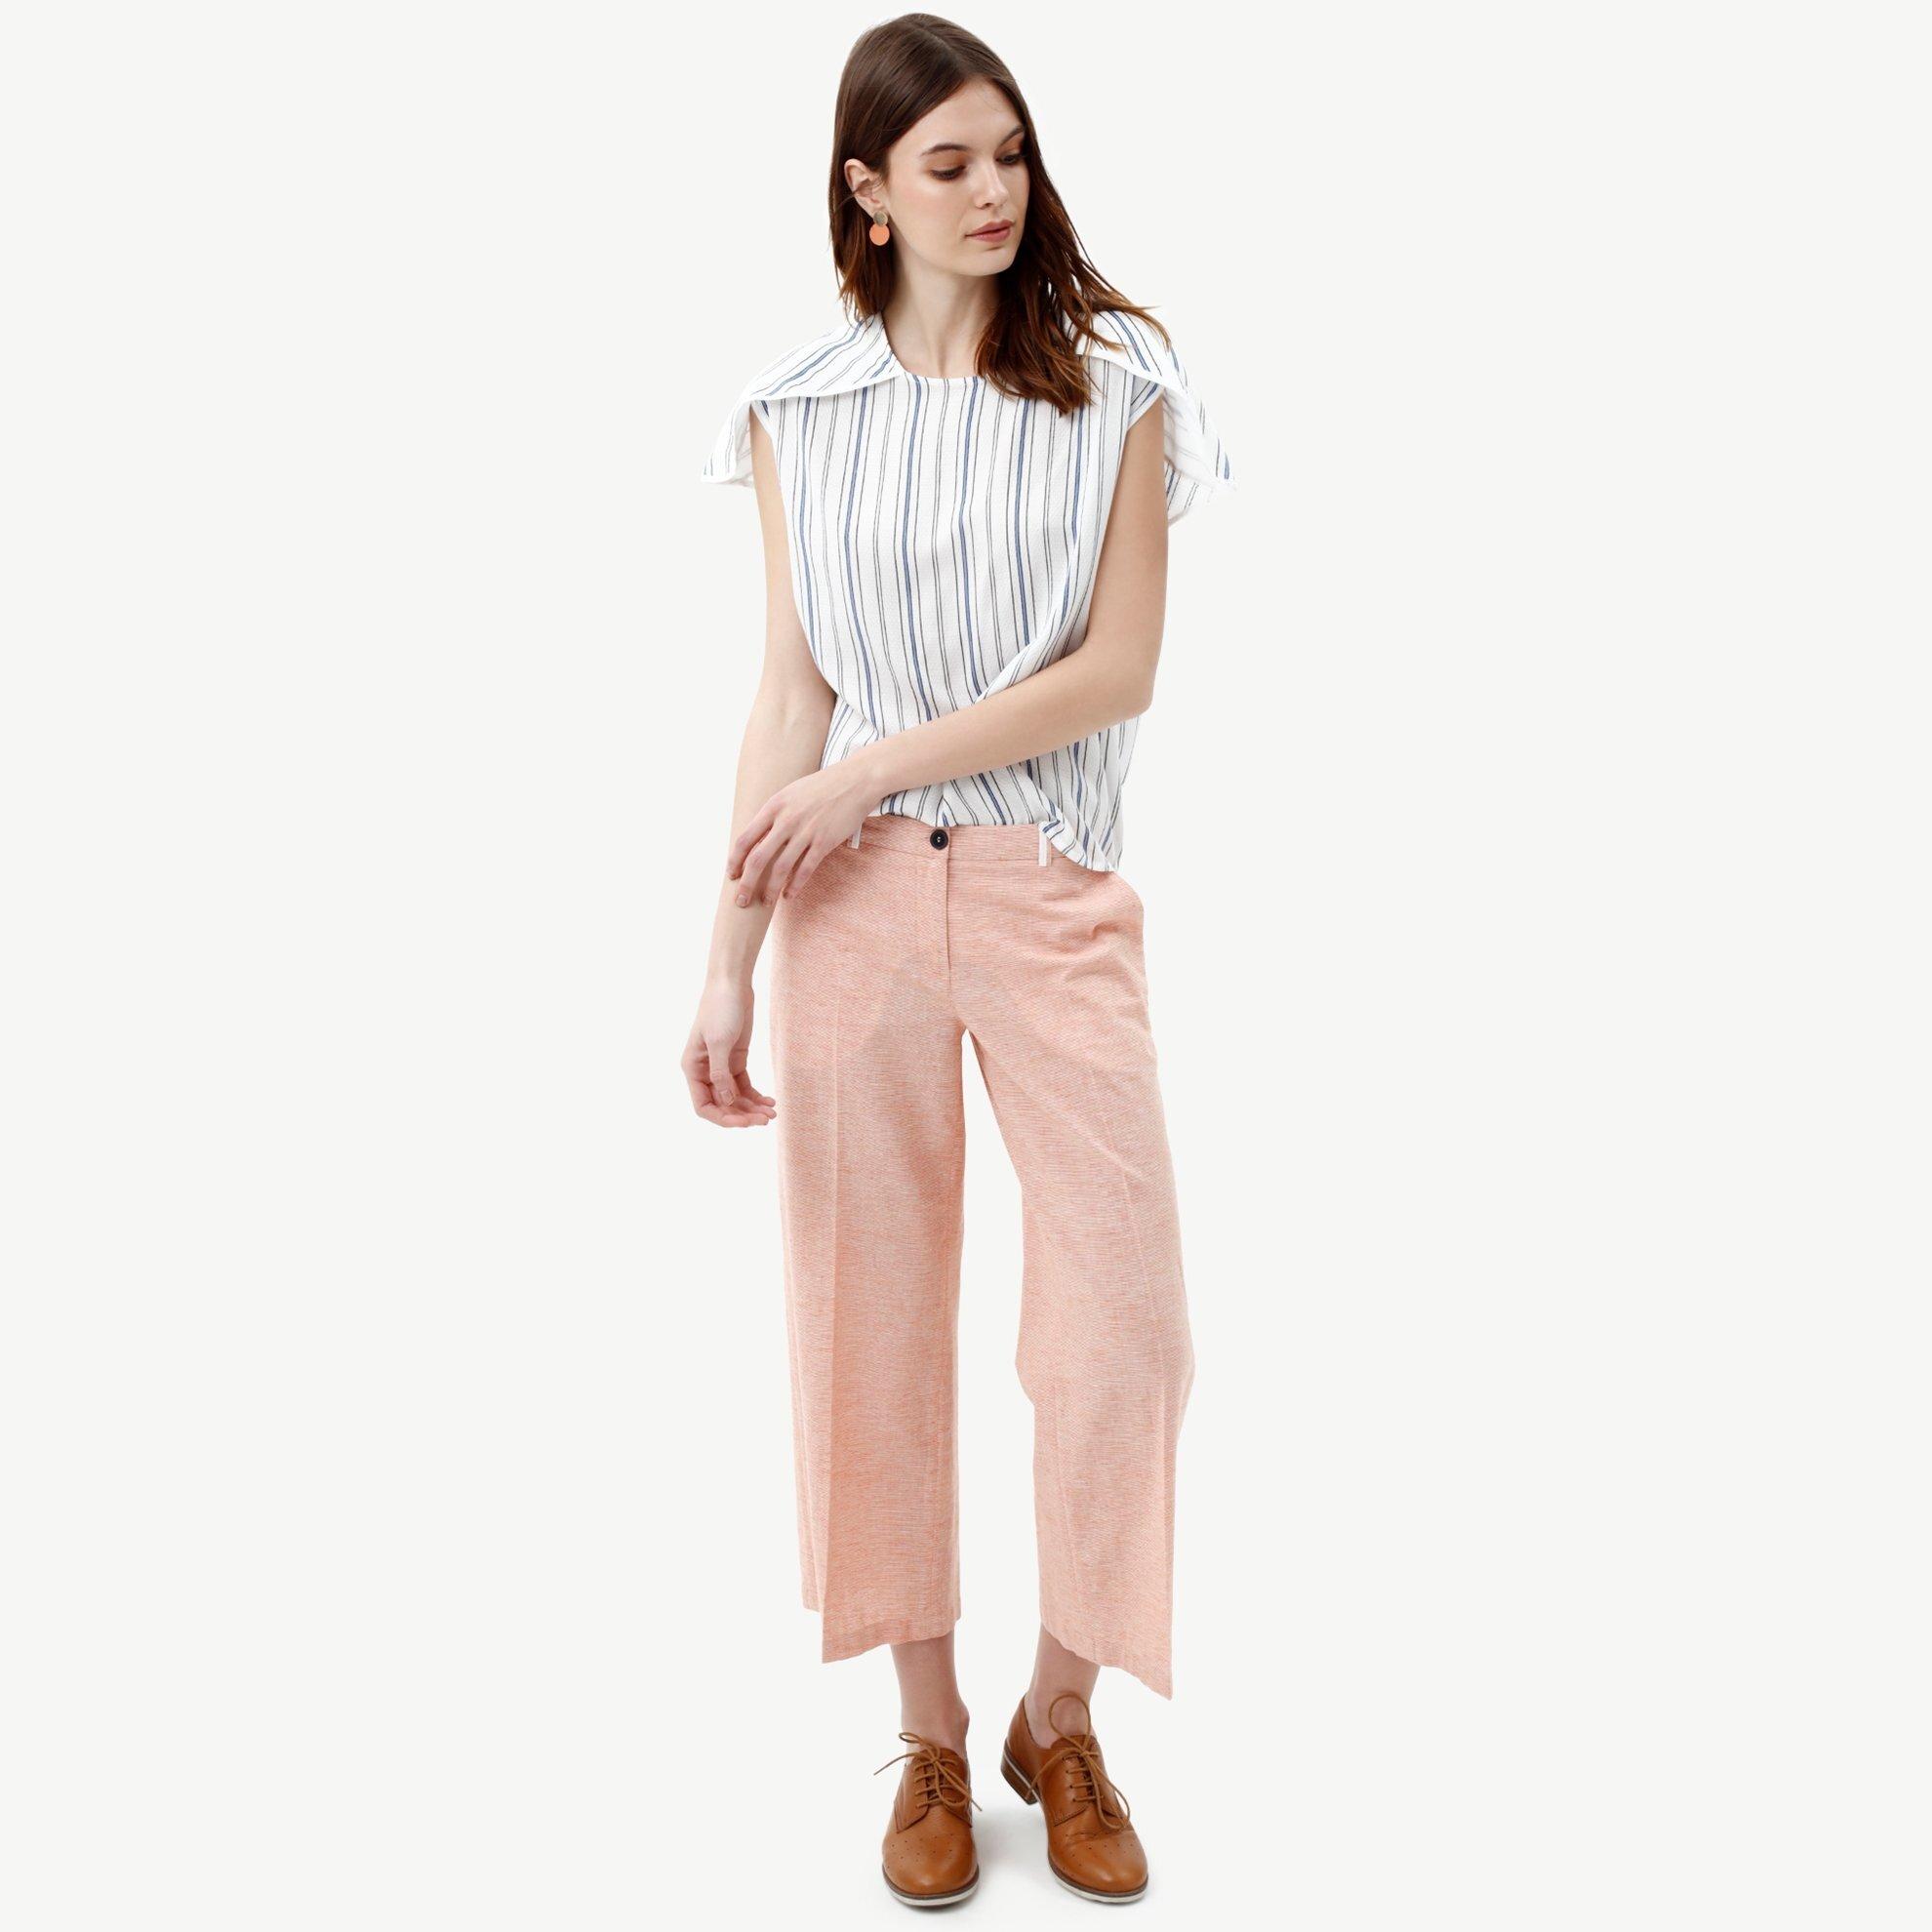 resm Ütü Çizgili Boru Paça Pantolon